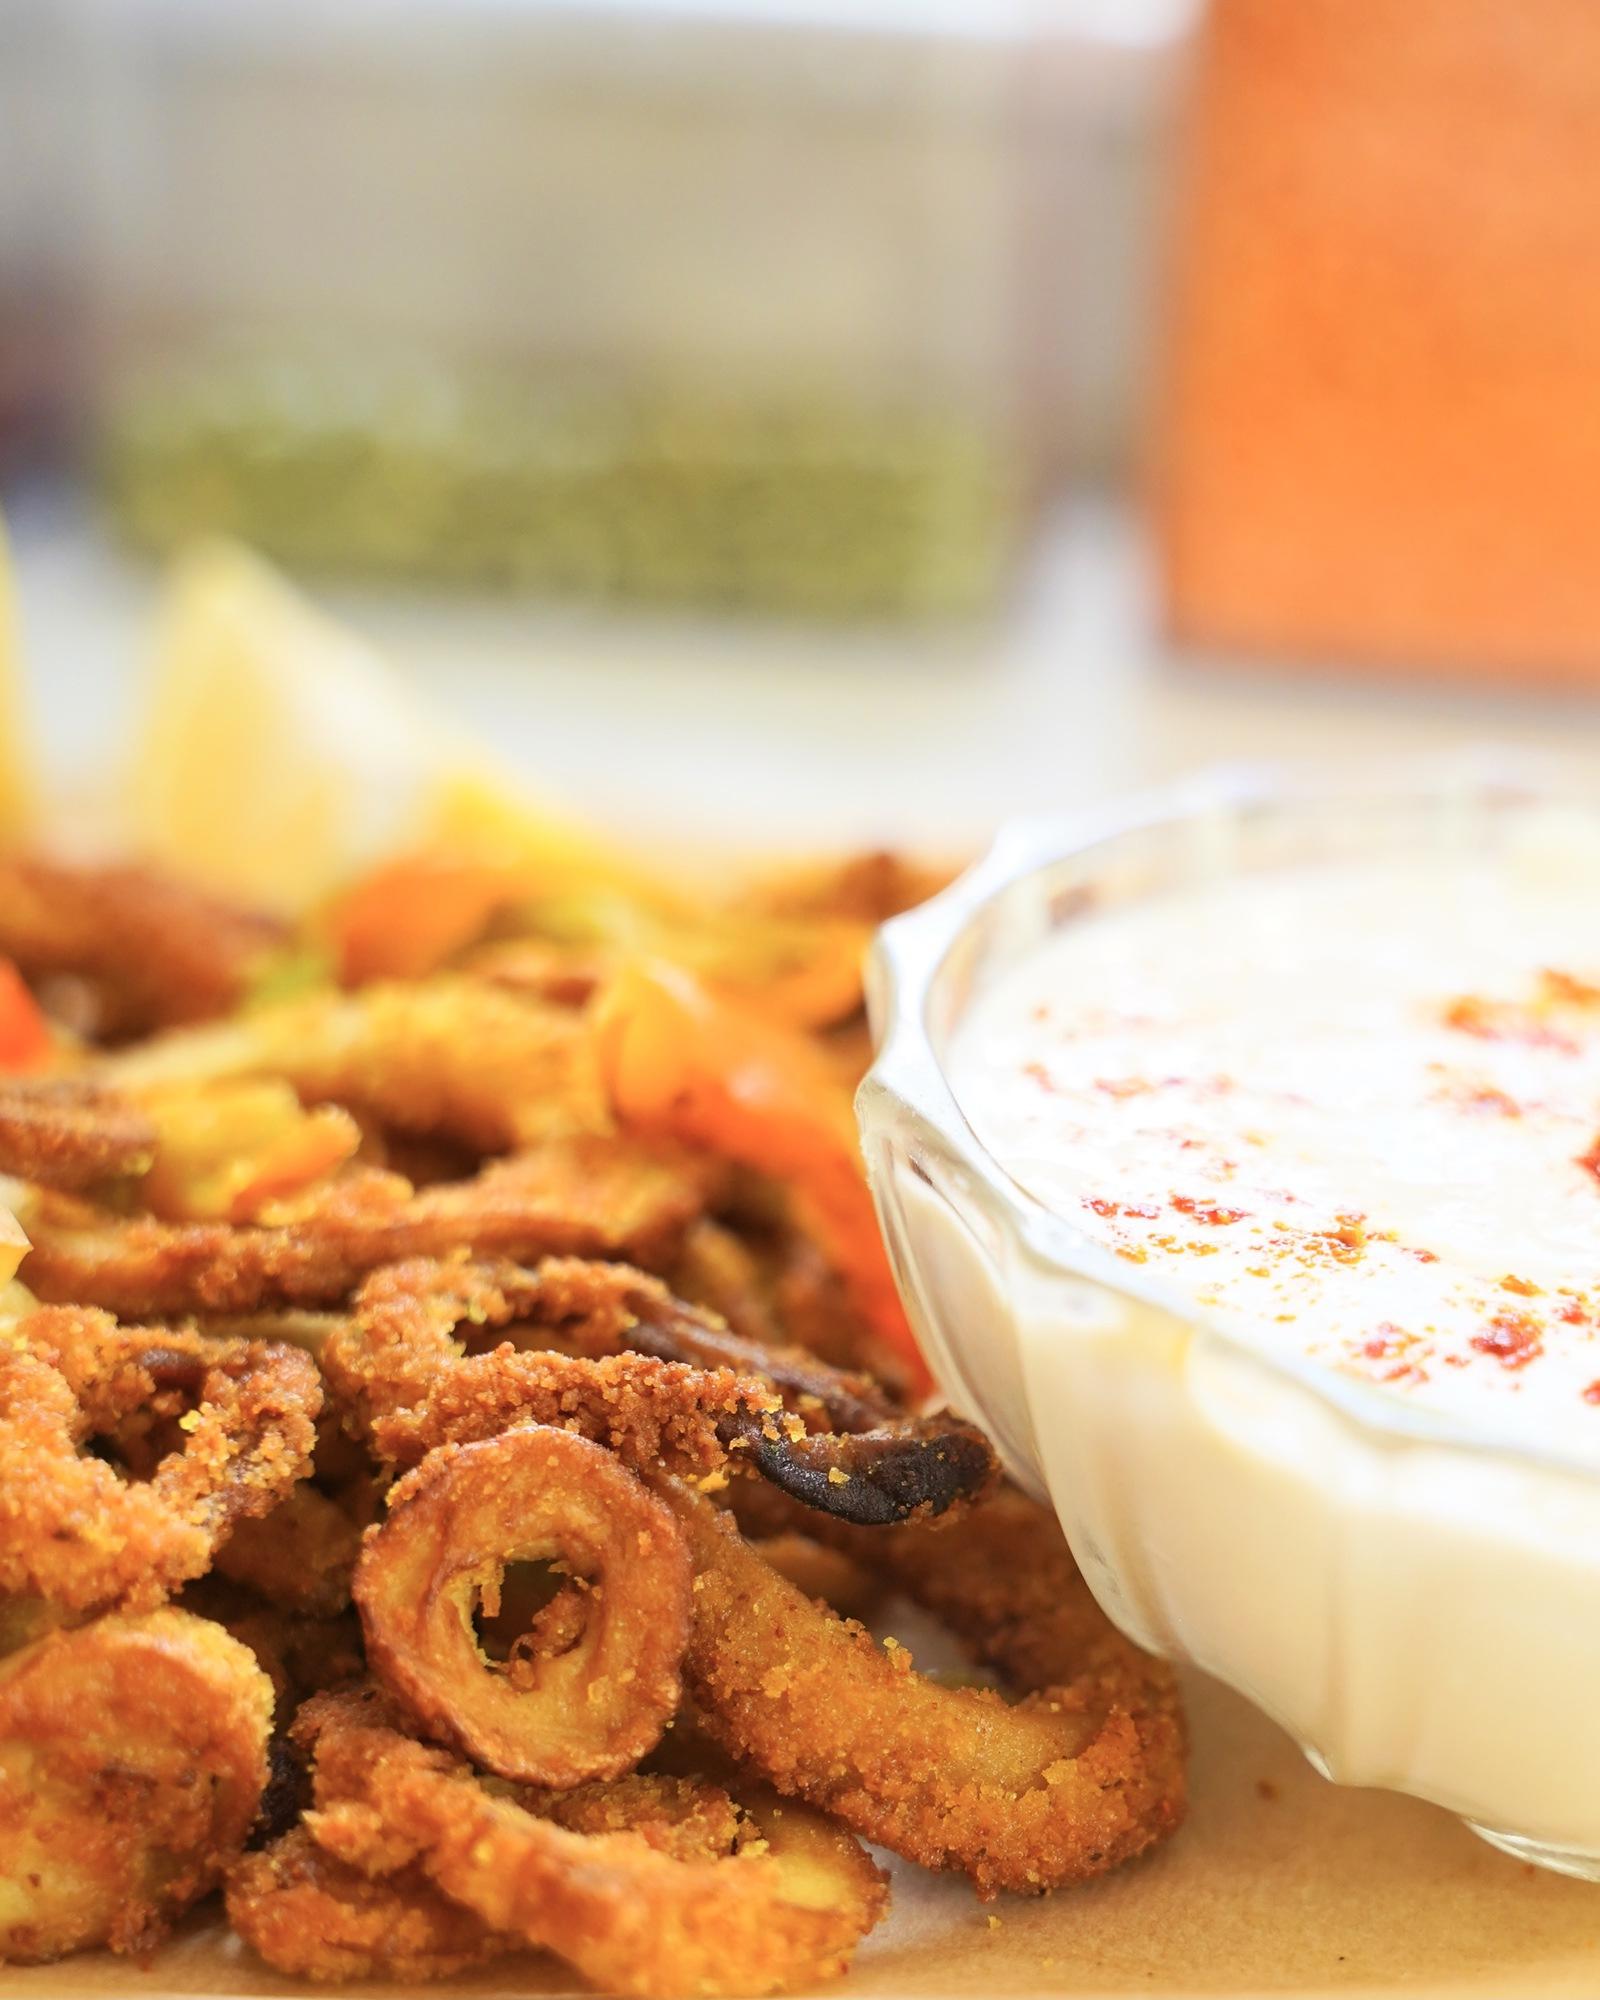 tiny fried calamari circles next to a bowl of garlic vegan mayonnaise